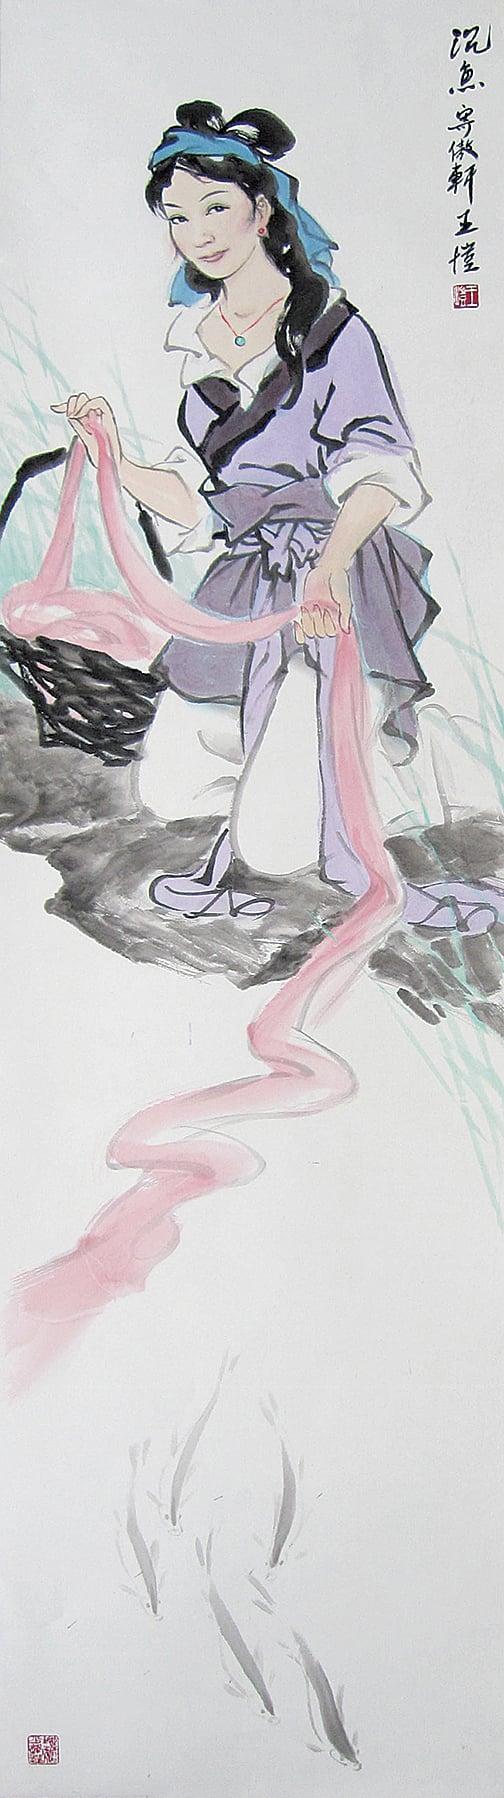 藝術家王愷《四美圖——西施》。(中華藝術經紀國際交流協會)